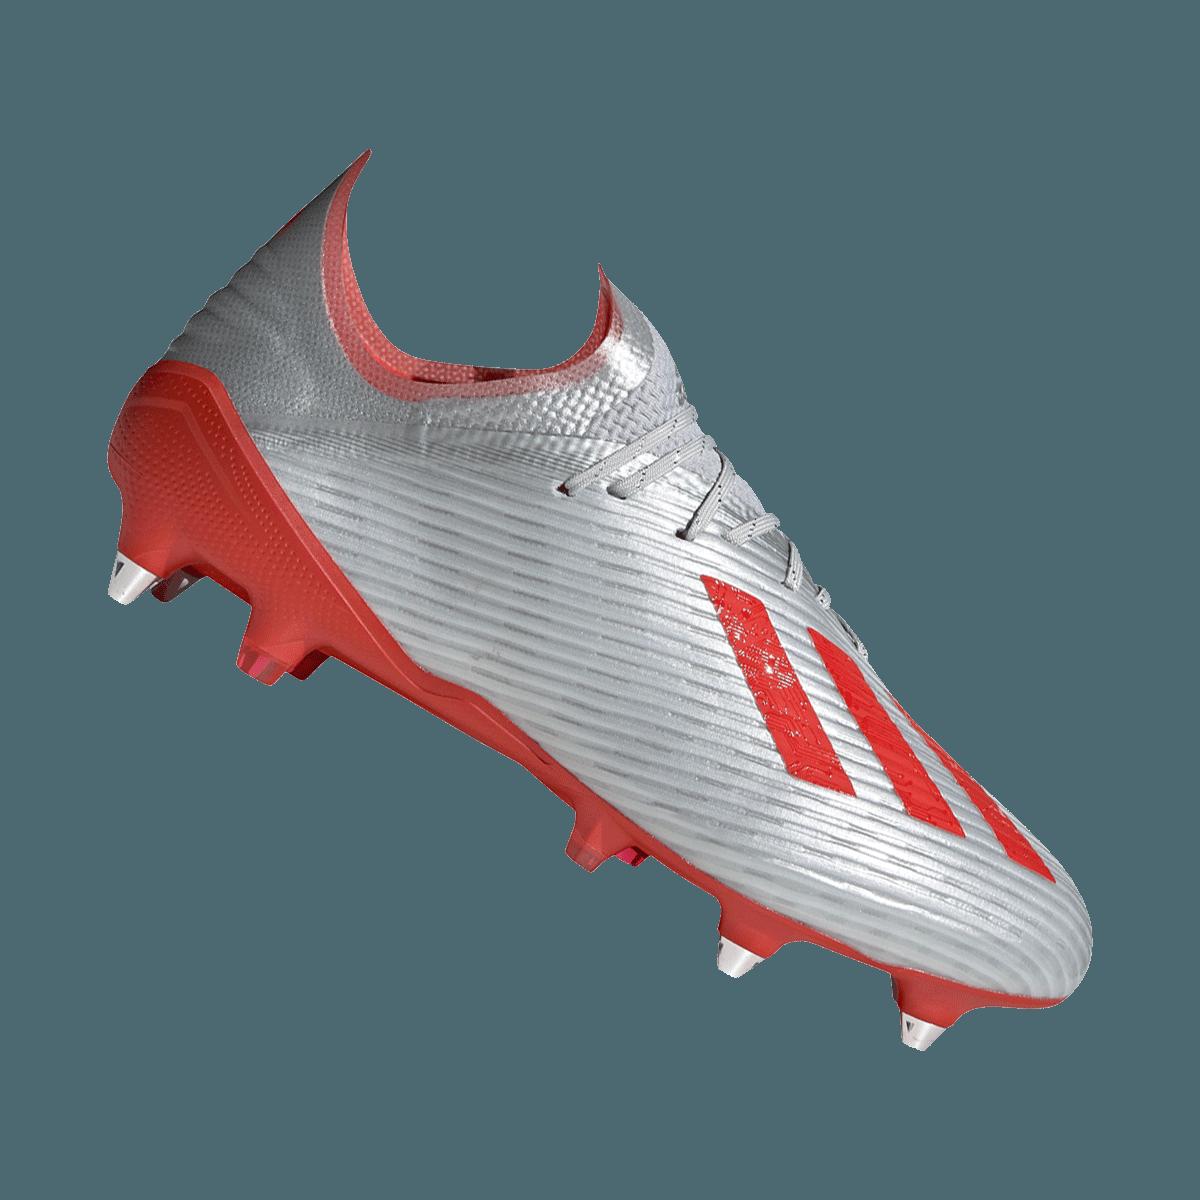 1 Fußballschuh X 19 Silberrot Adidas Sg 3R4jqAL5